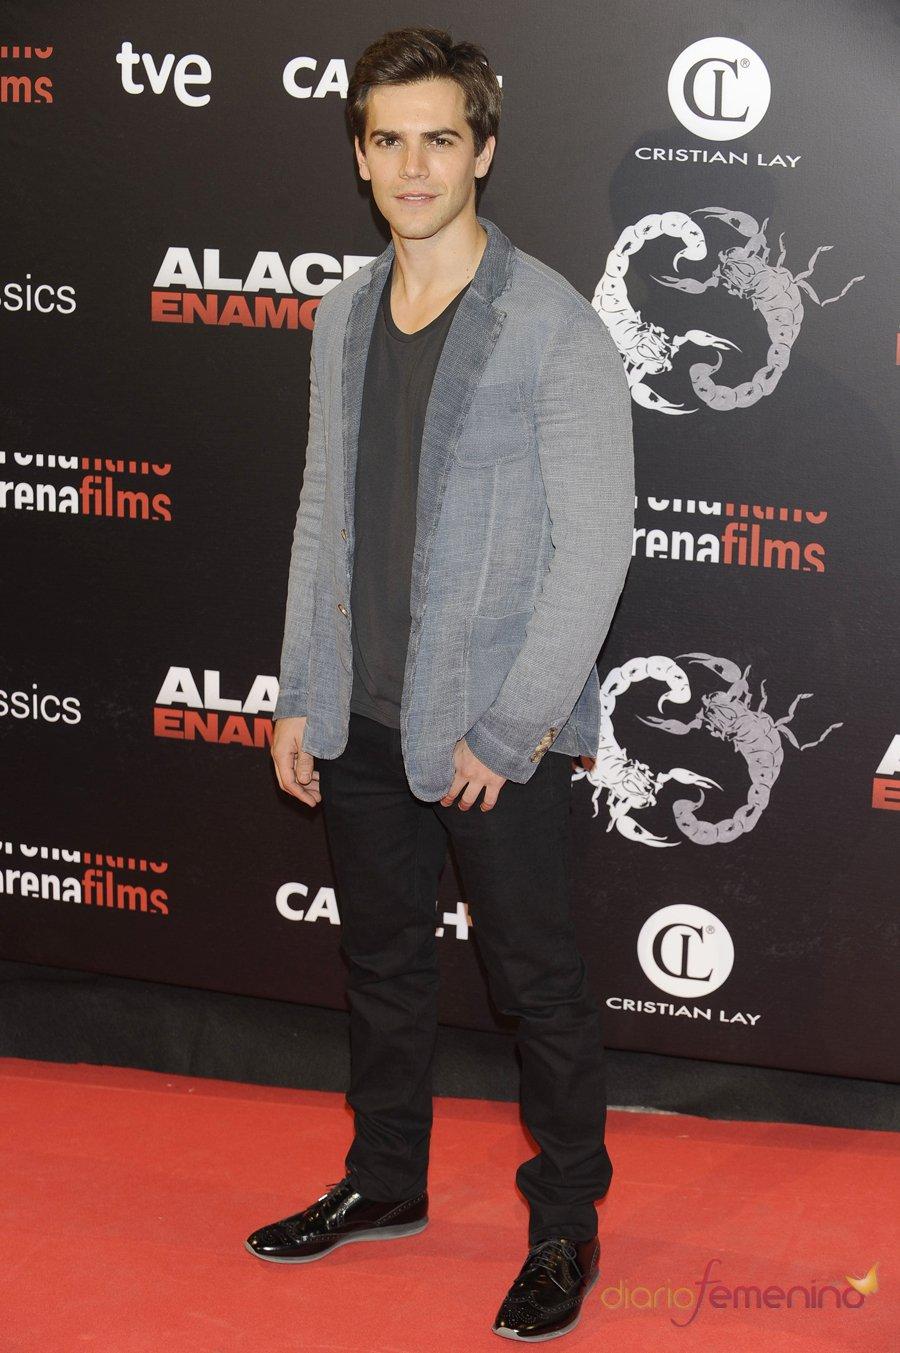 Marc Clotet con un look juvenil en la premiere de 'Alacrán enamorado'